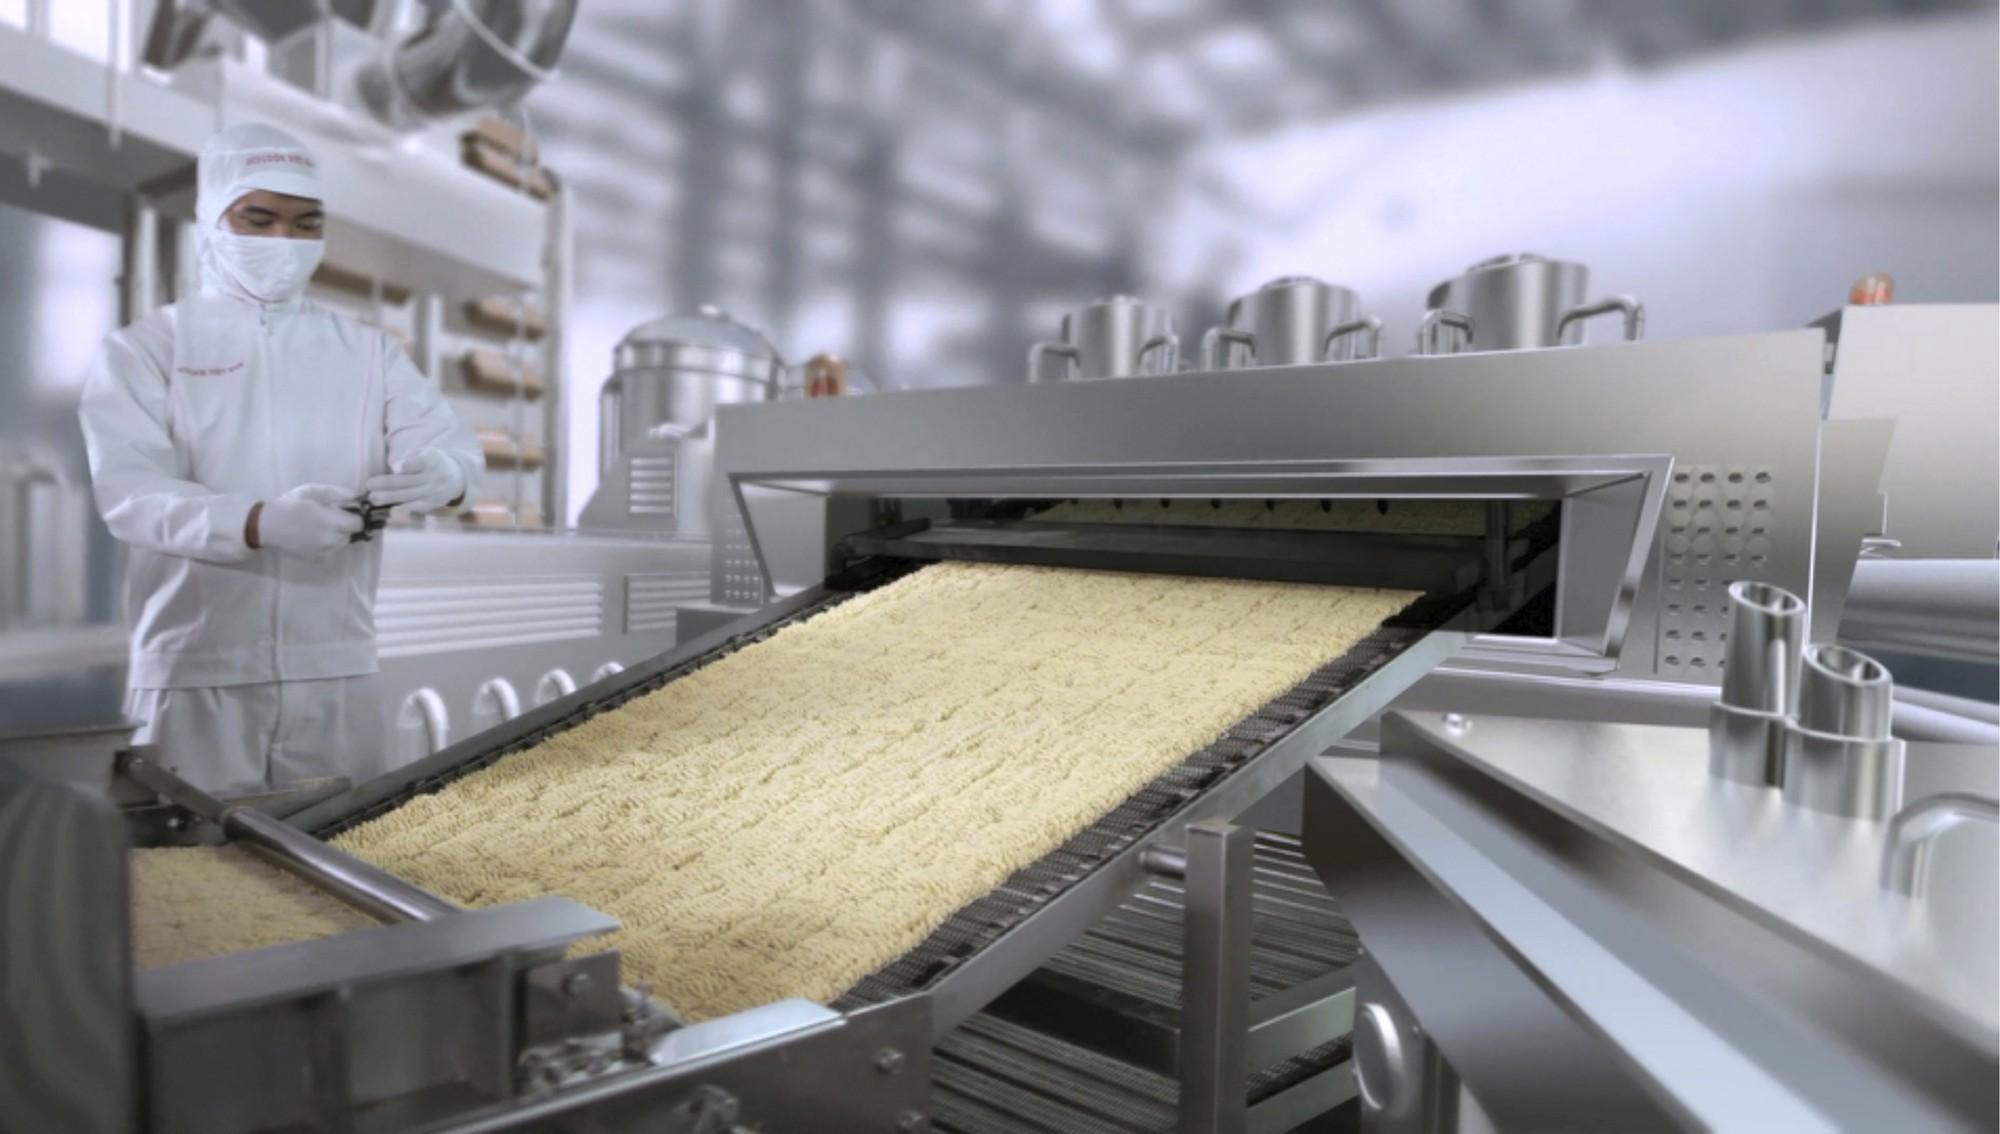 Mì ăn liền hiện đại đang được sản xuất như thế nào? - Ảnh 4.